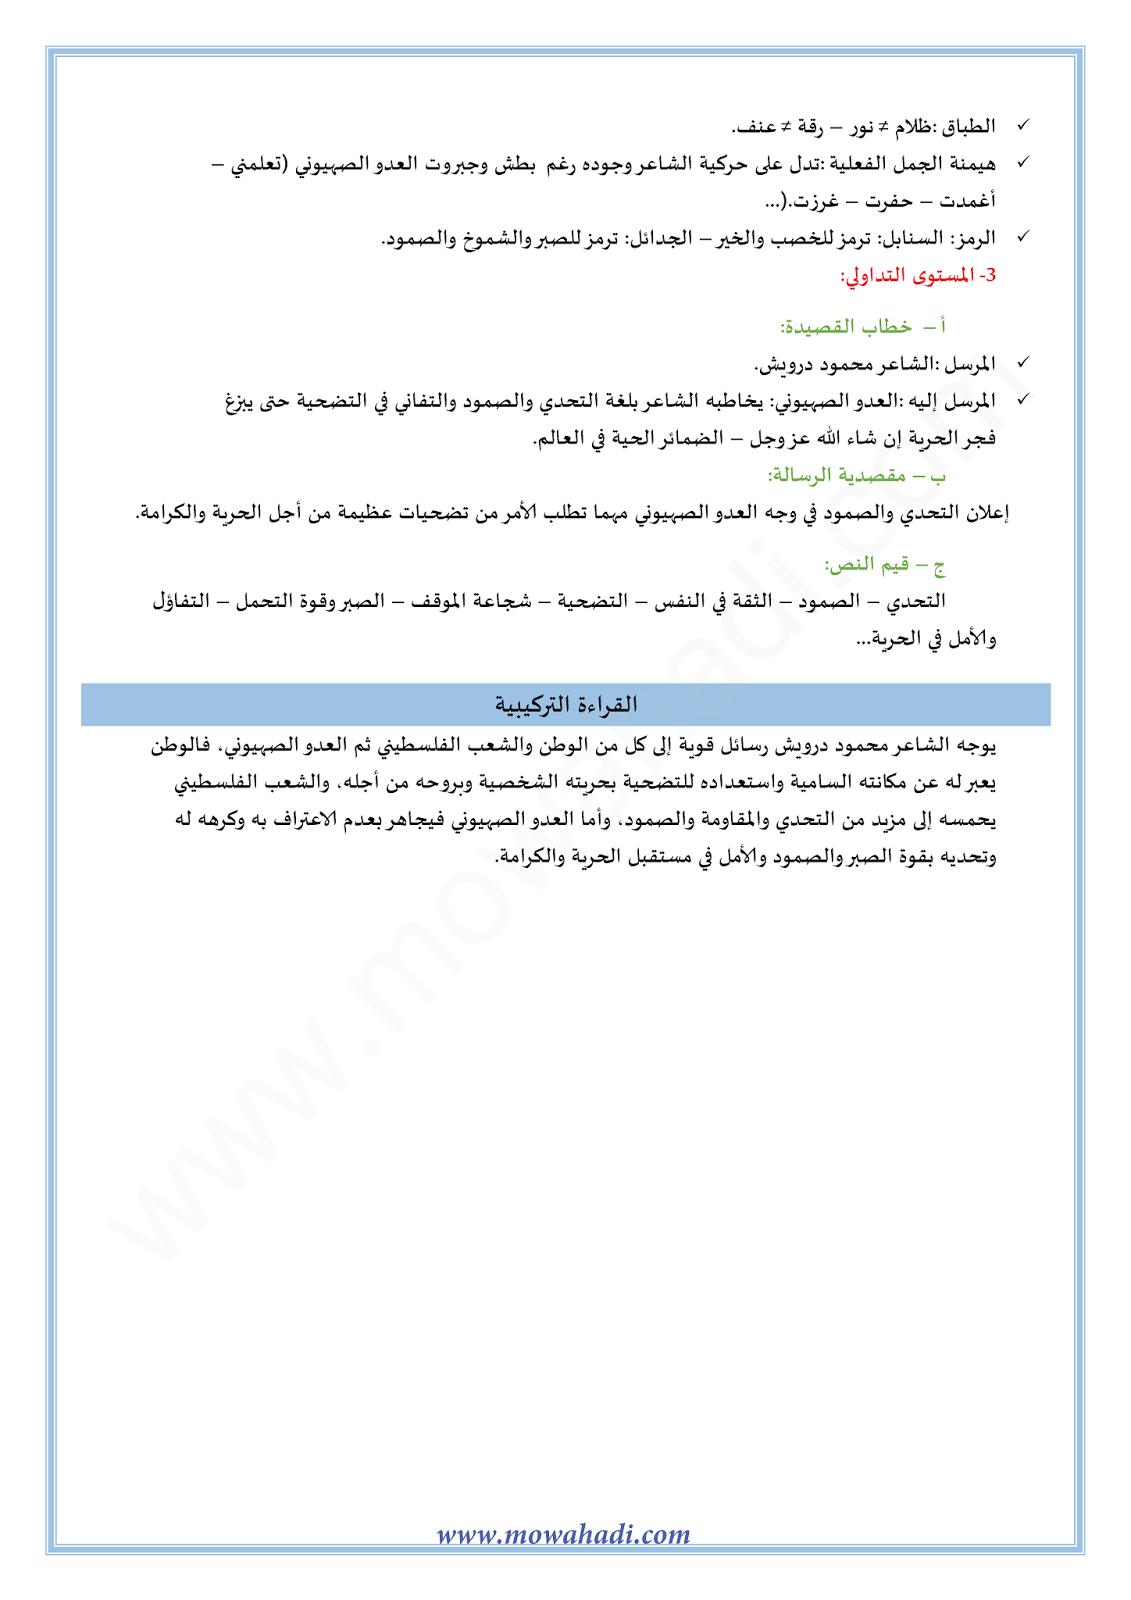 إشعاع الحضارة المغربية3